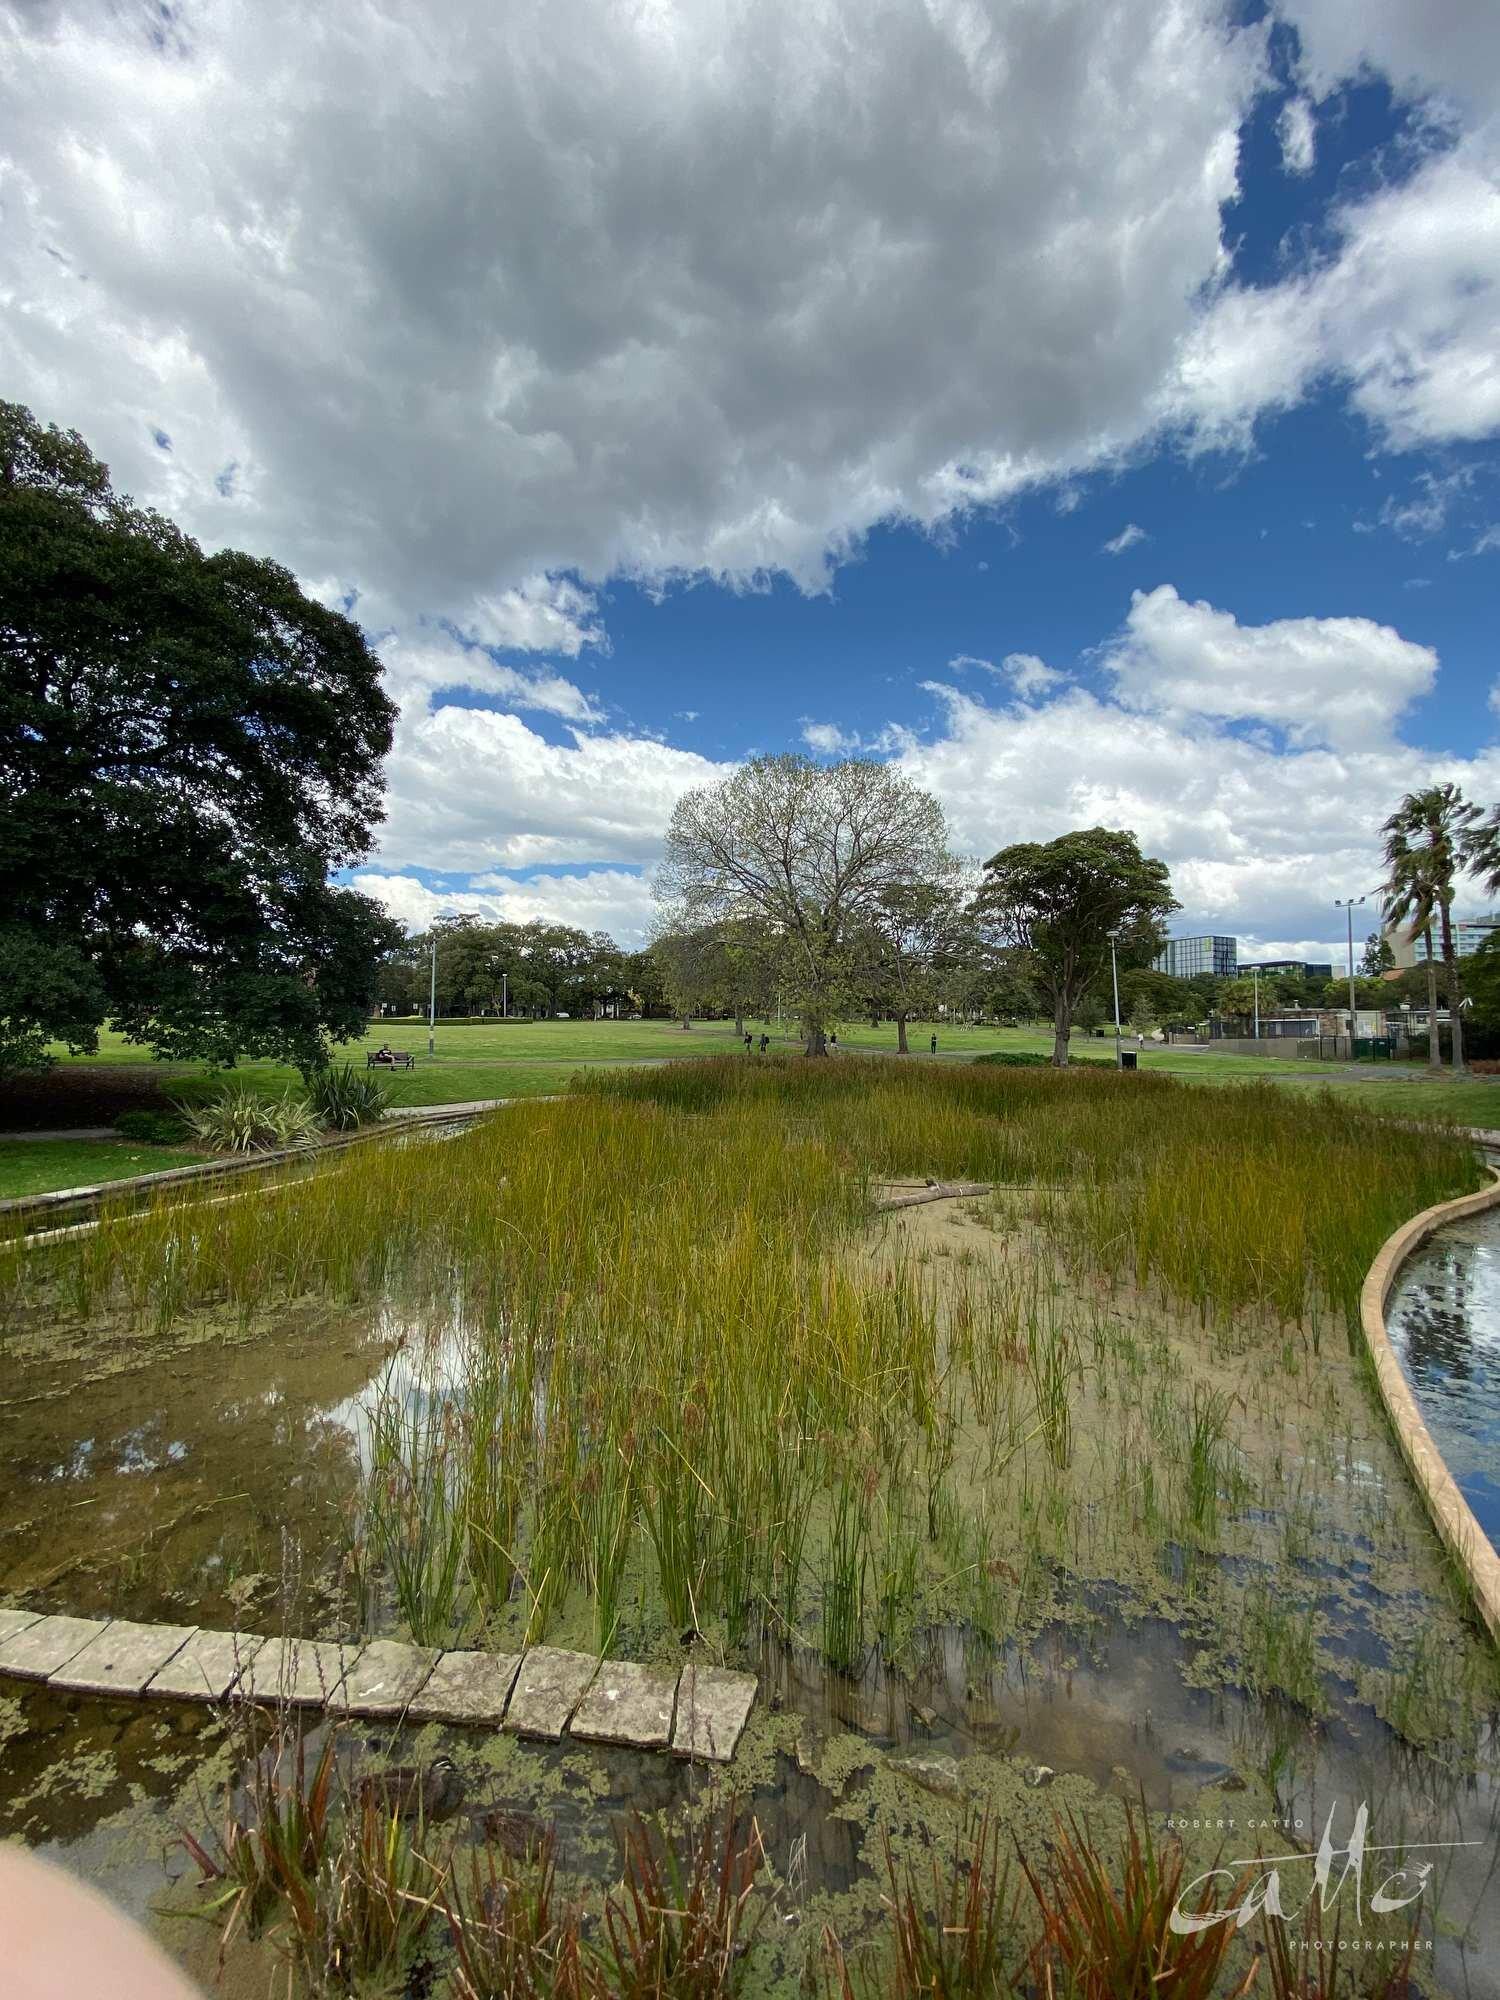 Victoria Park, Sydney (iPhone 11 Pro - 0.5x wide lens) [Feat. Finger]